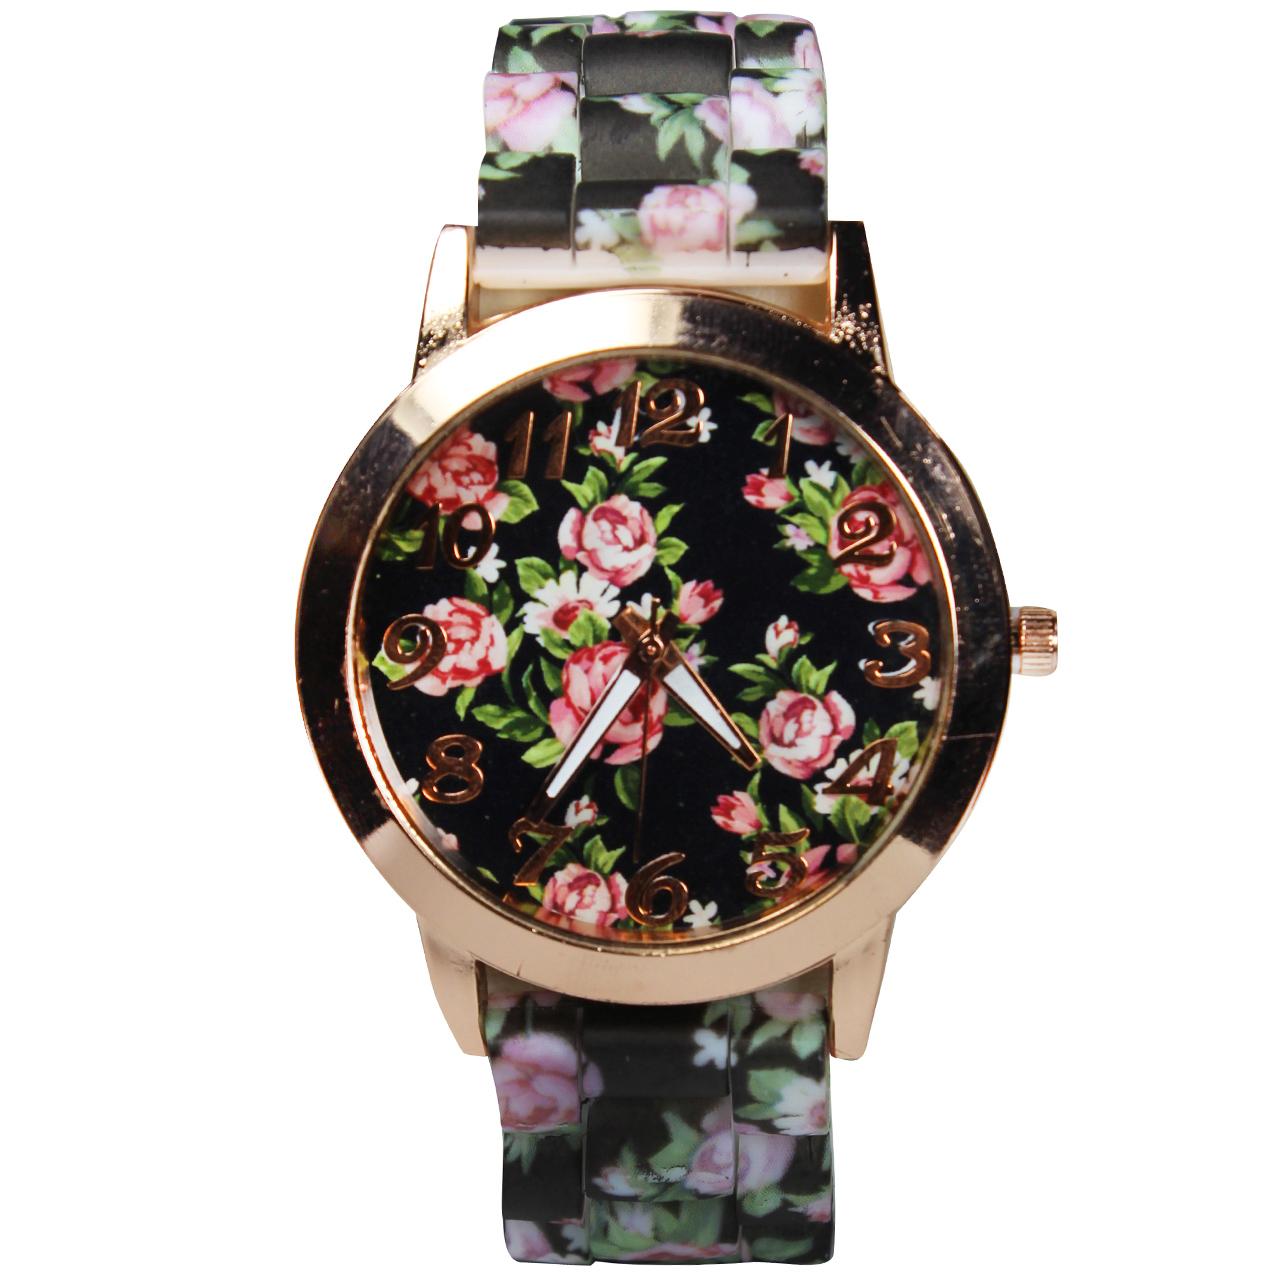 ساعت مچی عقربه ای زنانه مدل Flower-02 55